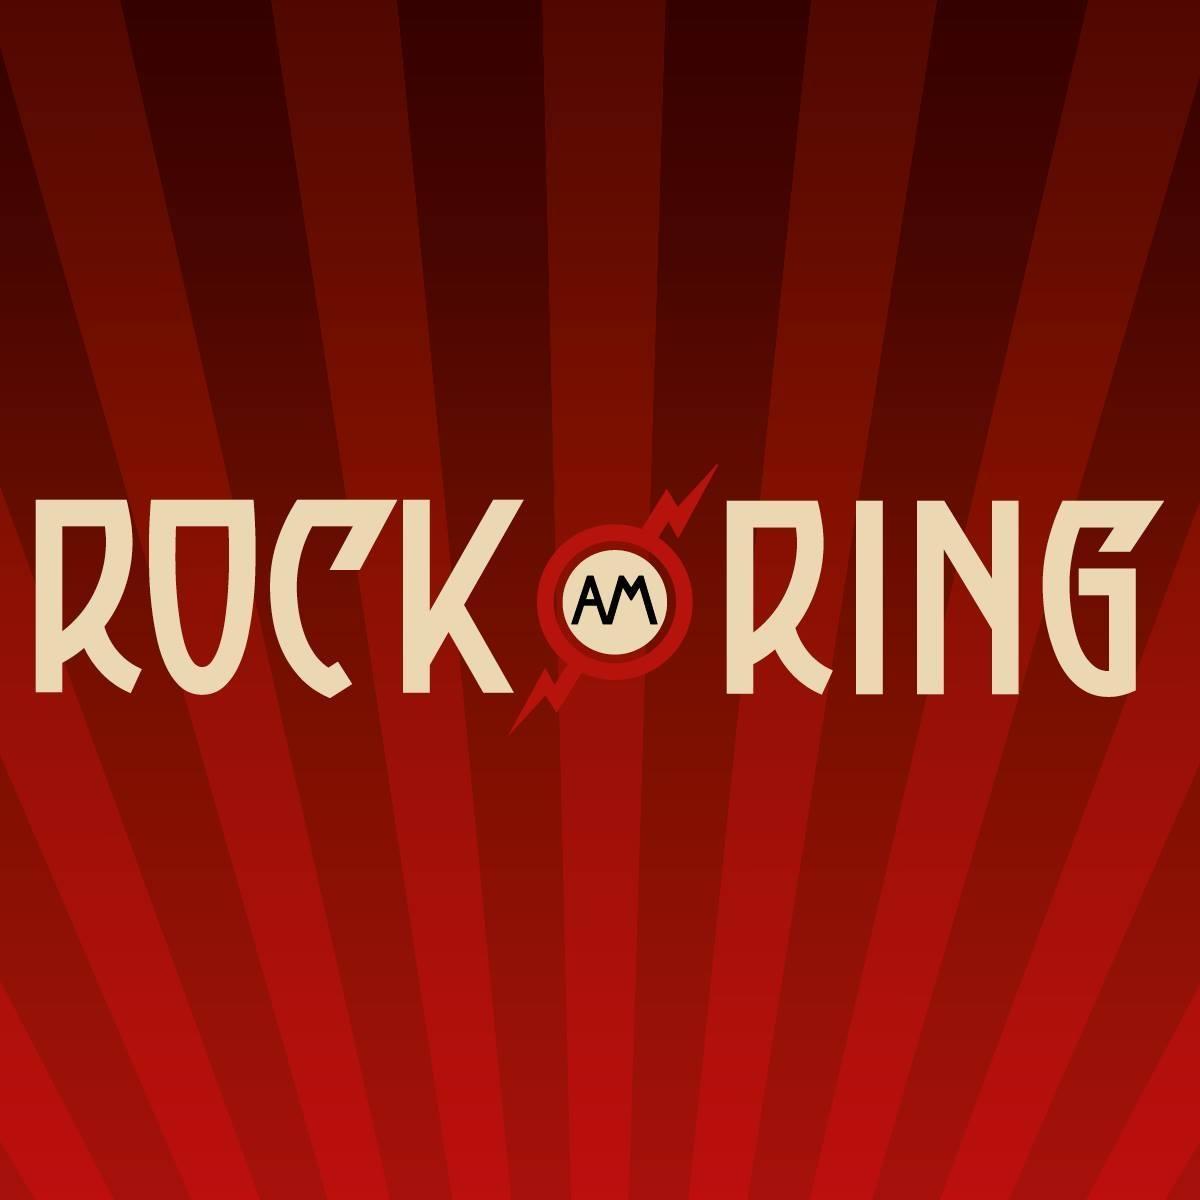 Rock am Ring 2022 Logo